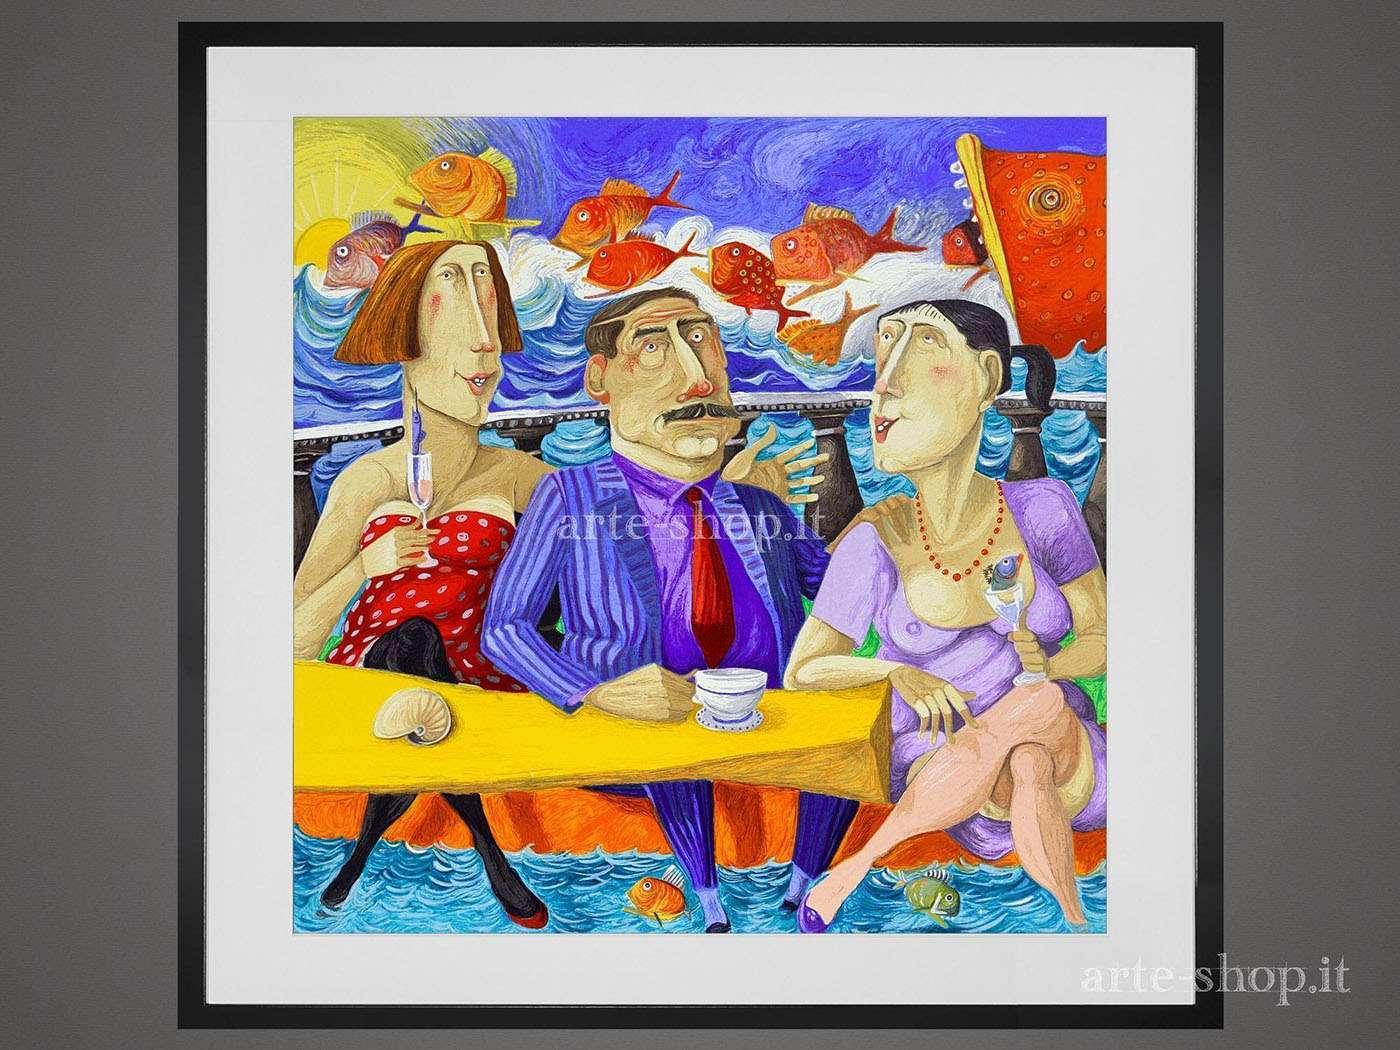 Serigrafia Pino Procopio - Bar sotto il mare